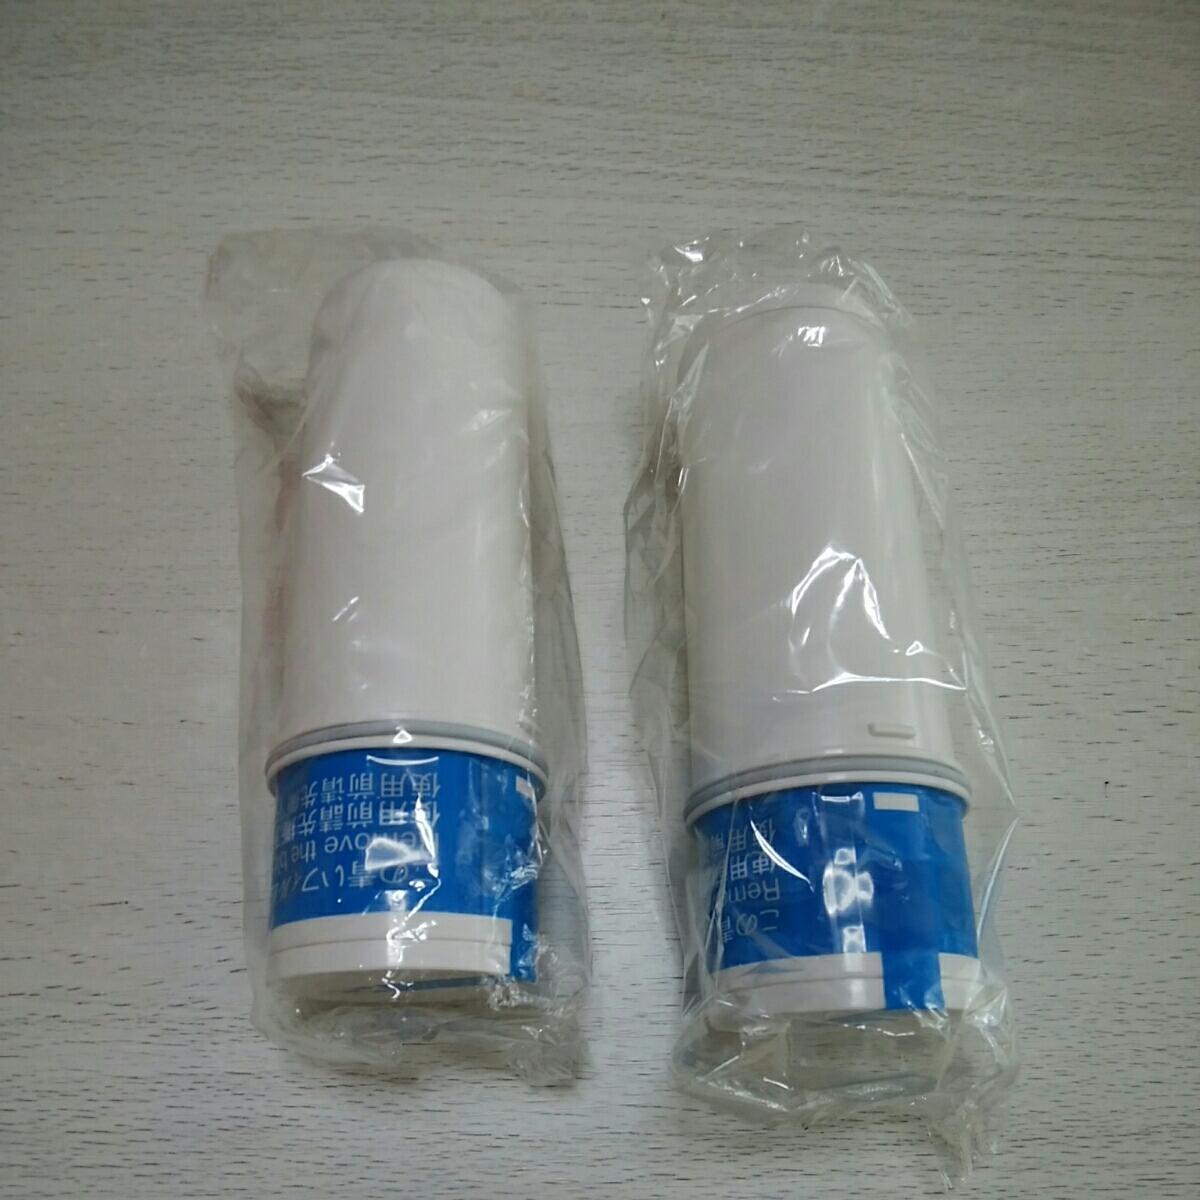 三菱レイヨン・クリンスイ クリンスイポット型浄水器用 交換カートリッジ スーパーハイグレード(2個入) CPC5W-NW_画像2